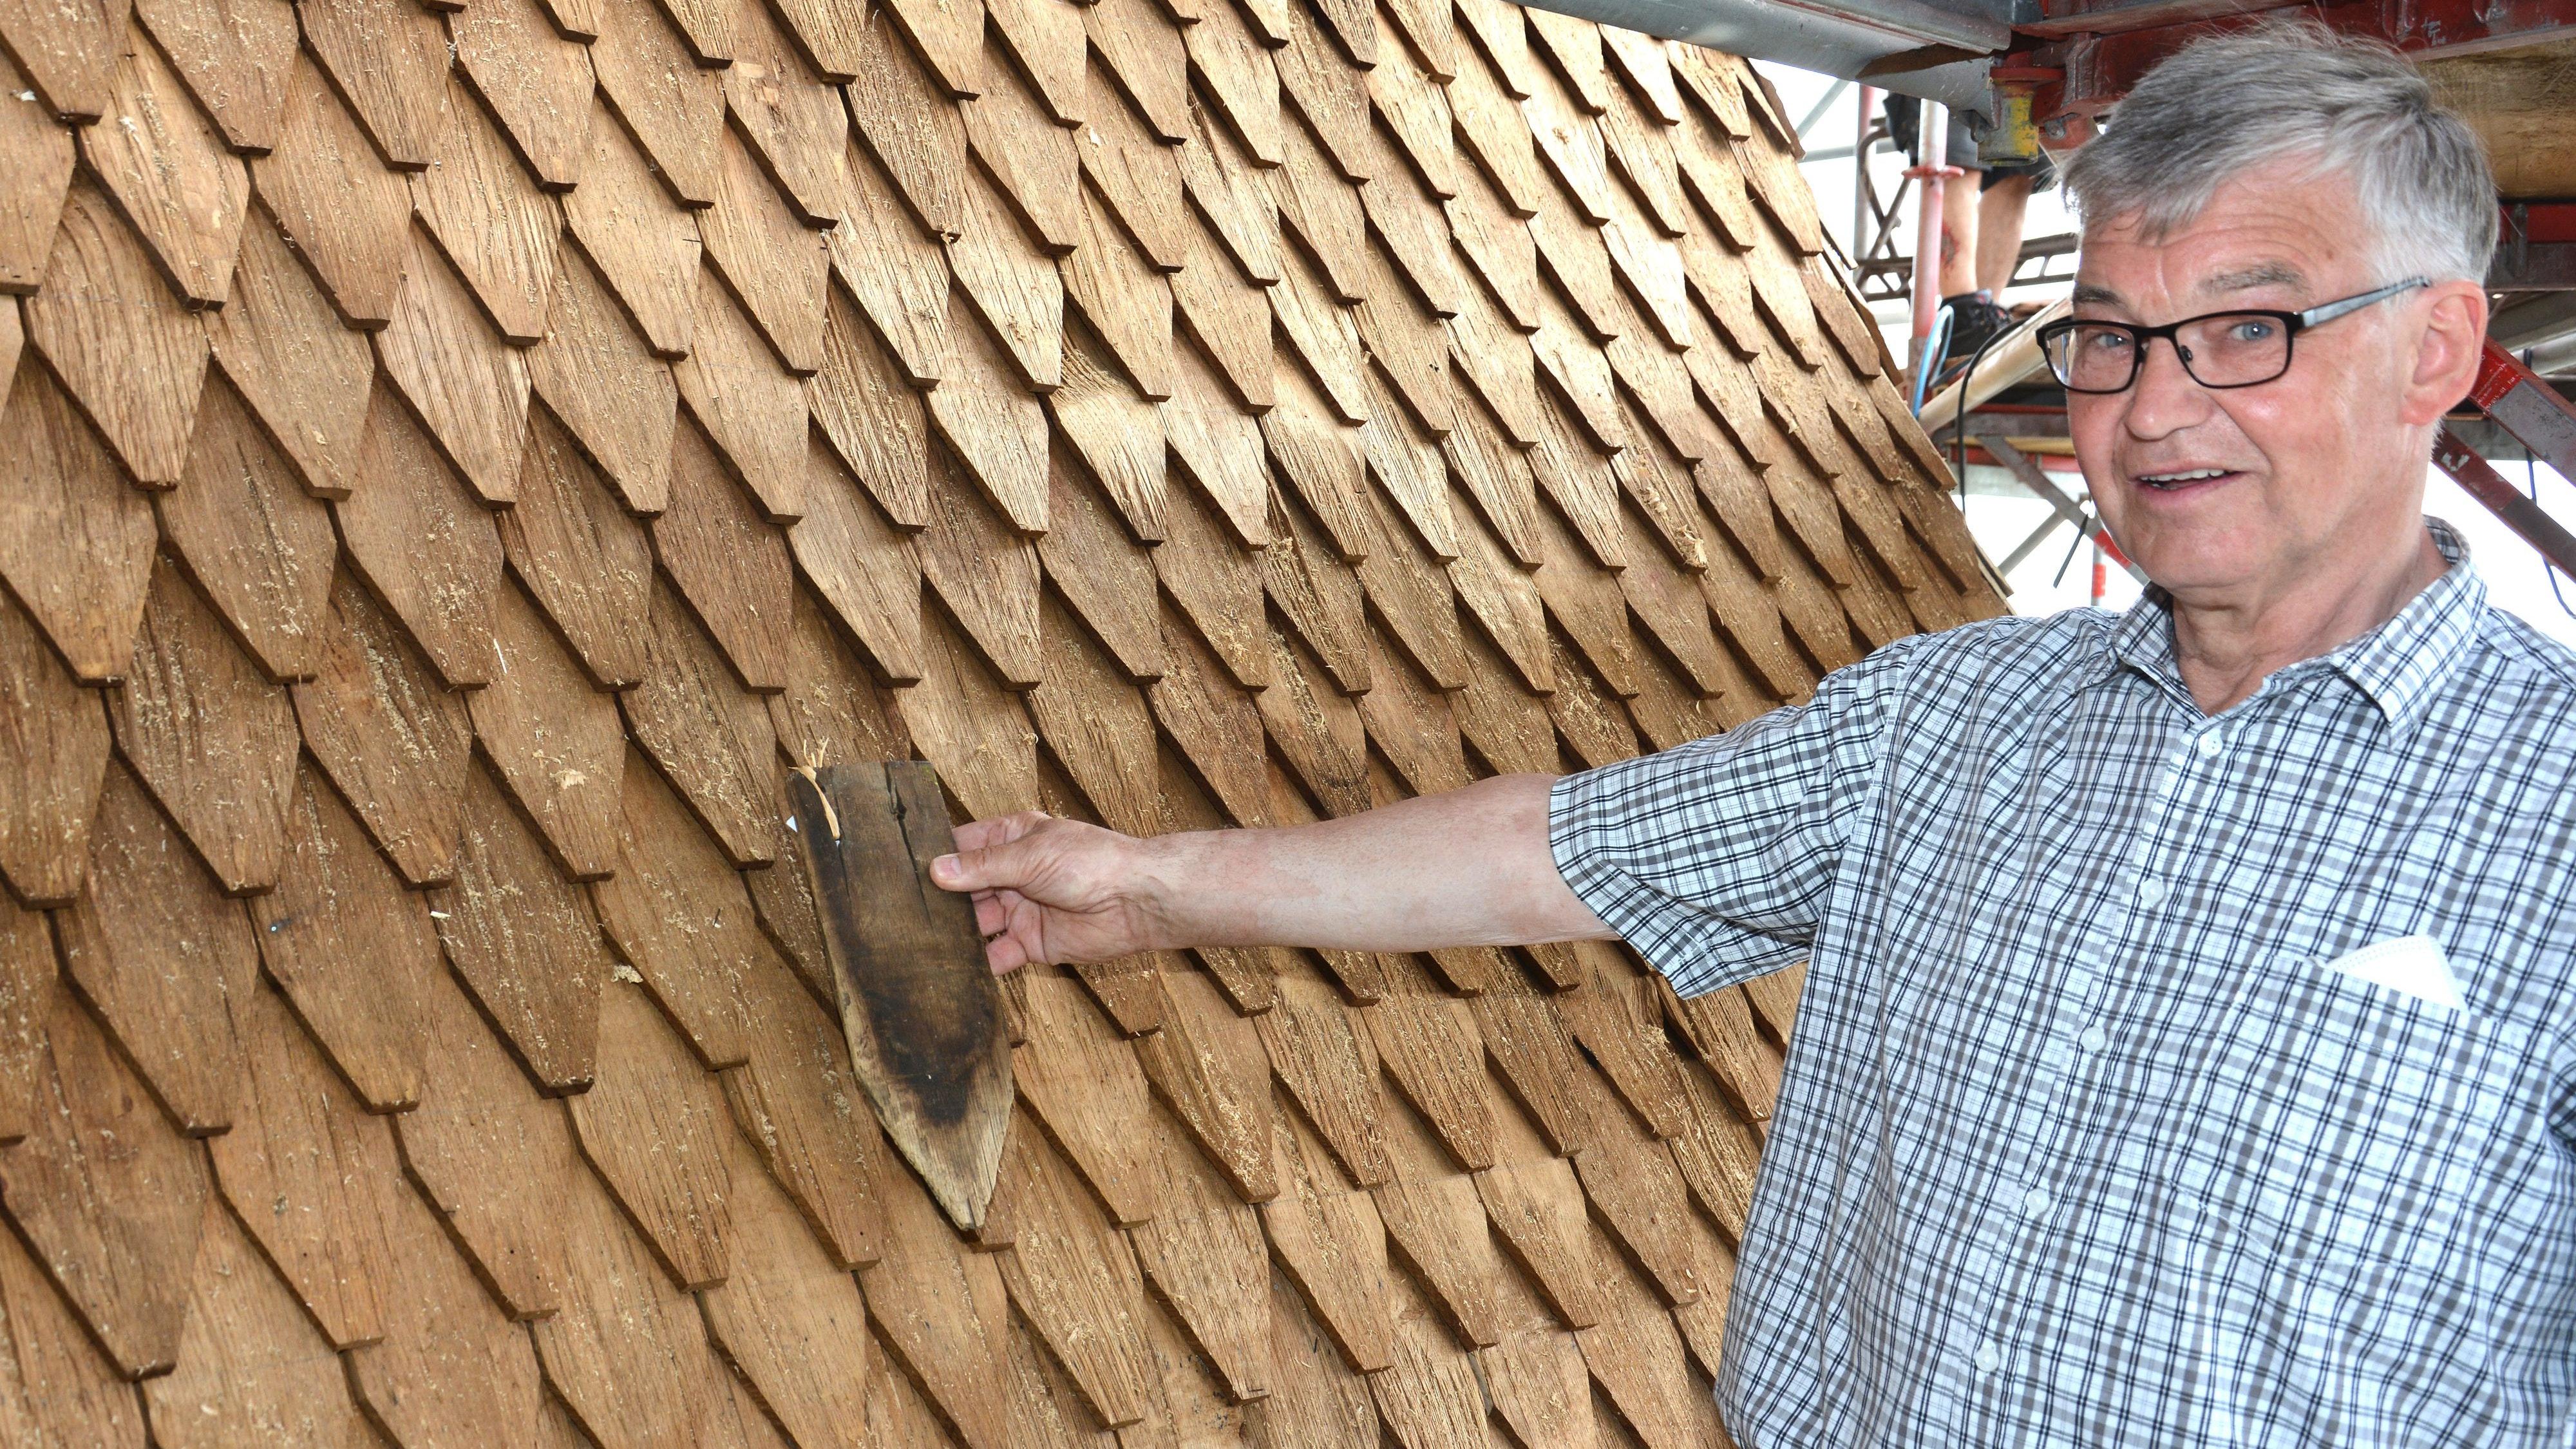 Aus alt wird neu: Vereinsvorsitzender Karl-Heinz Schnieder mit einer der Schindeln der alten Mühle vor dem Hintergrund mit dem neuen Material. Foto: Sperveslage